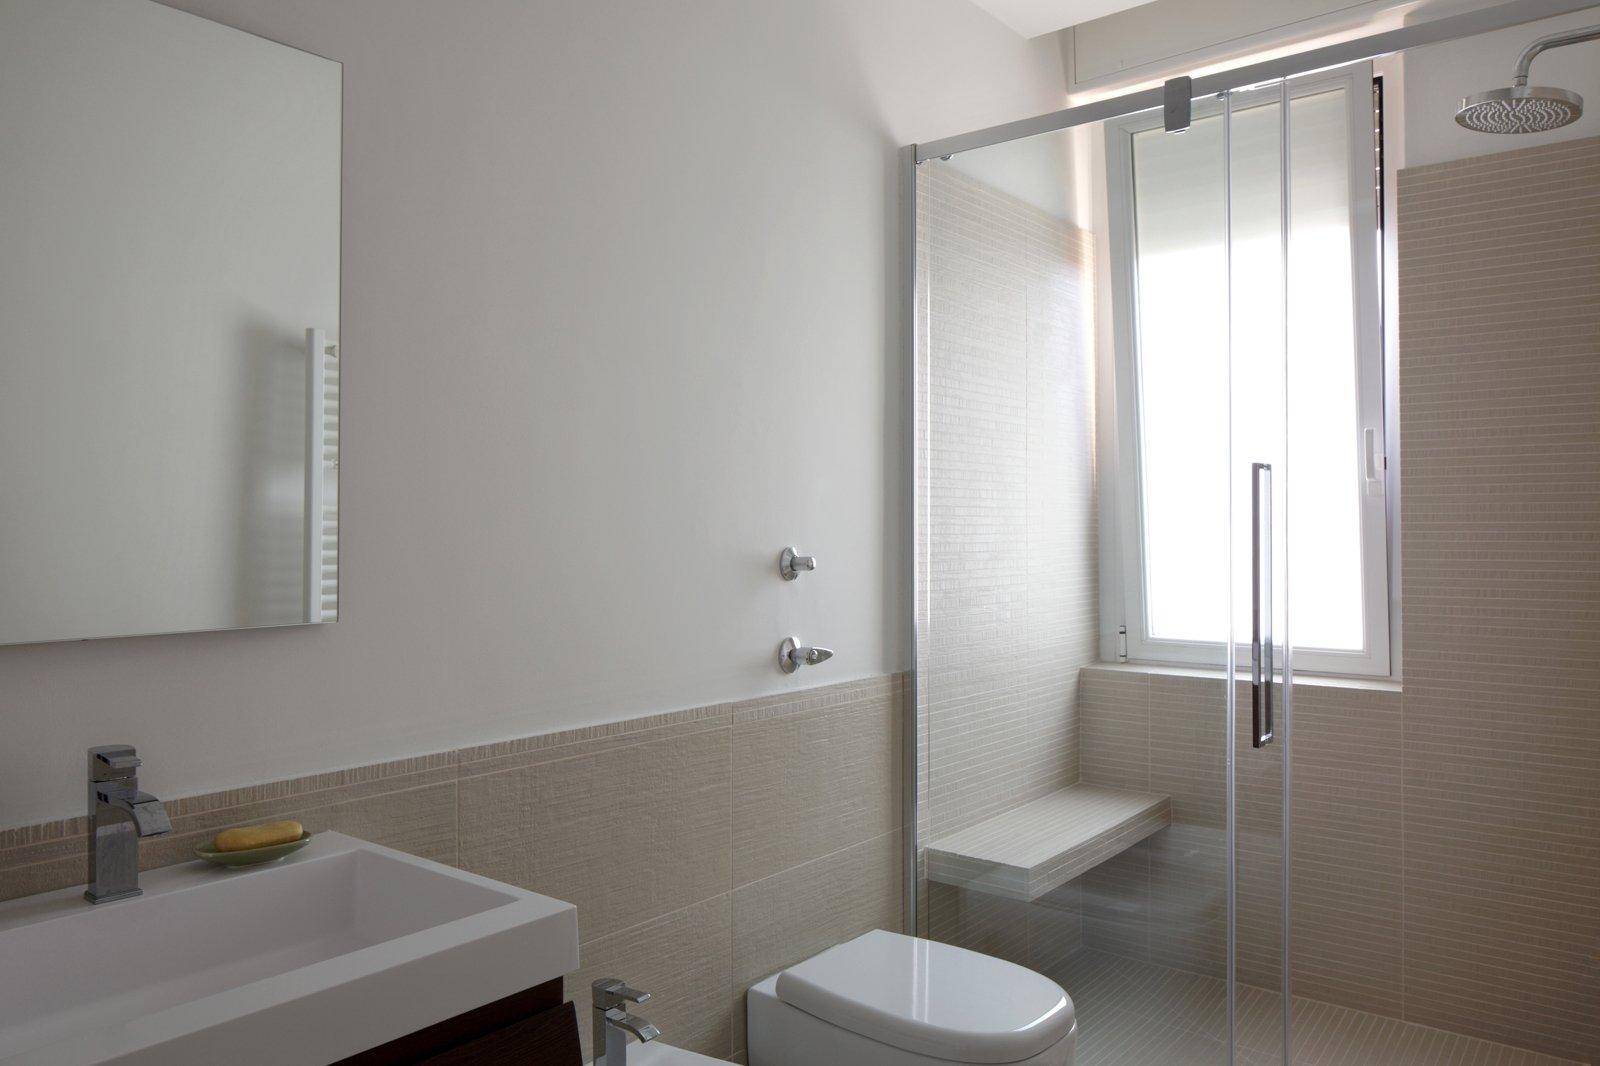 Idee da copiare per migliorare la casa cose di casa for Piastrelle bagno piccolo